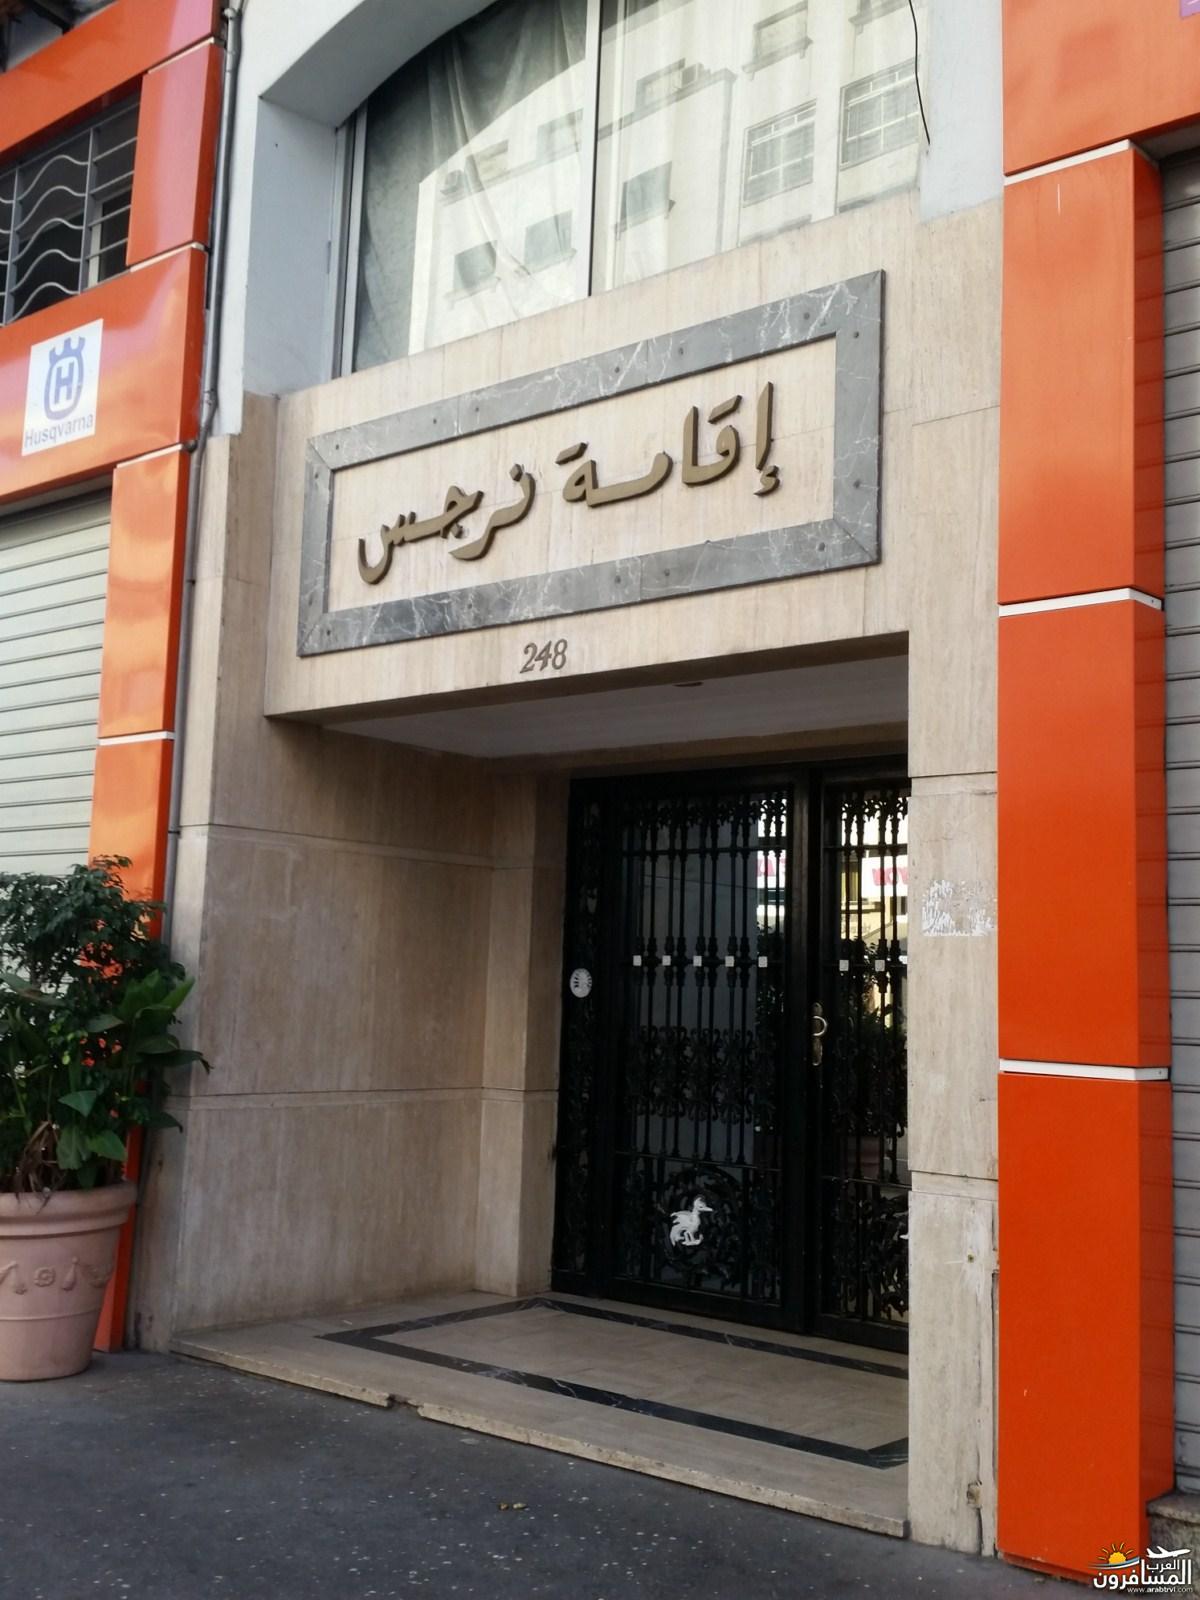 arabtrvl1480193999332.jpg